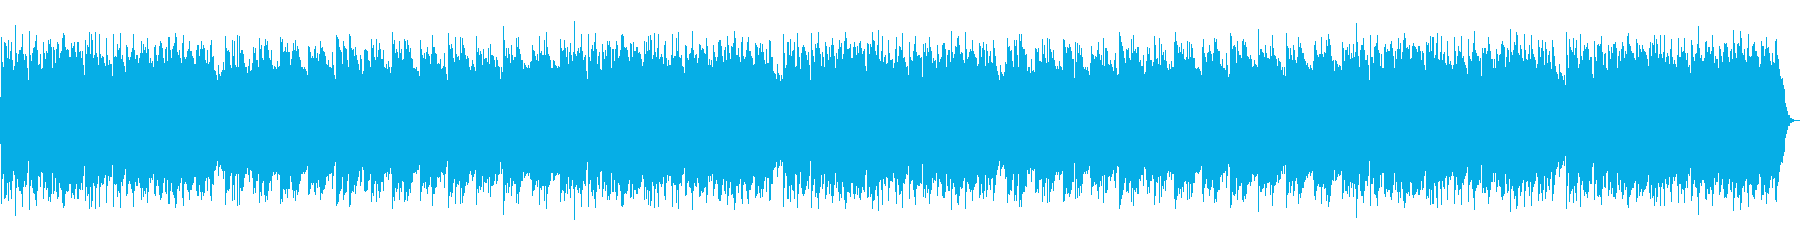 フルート、ハープシコード、ハープ、...の再生済みの波形